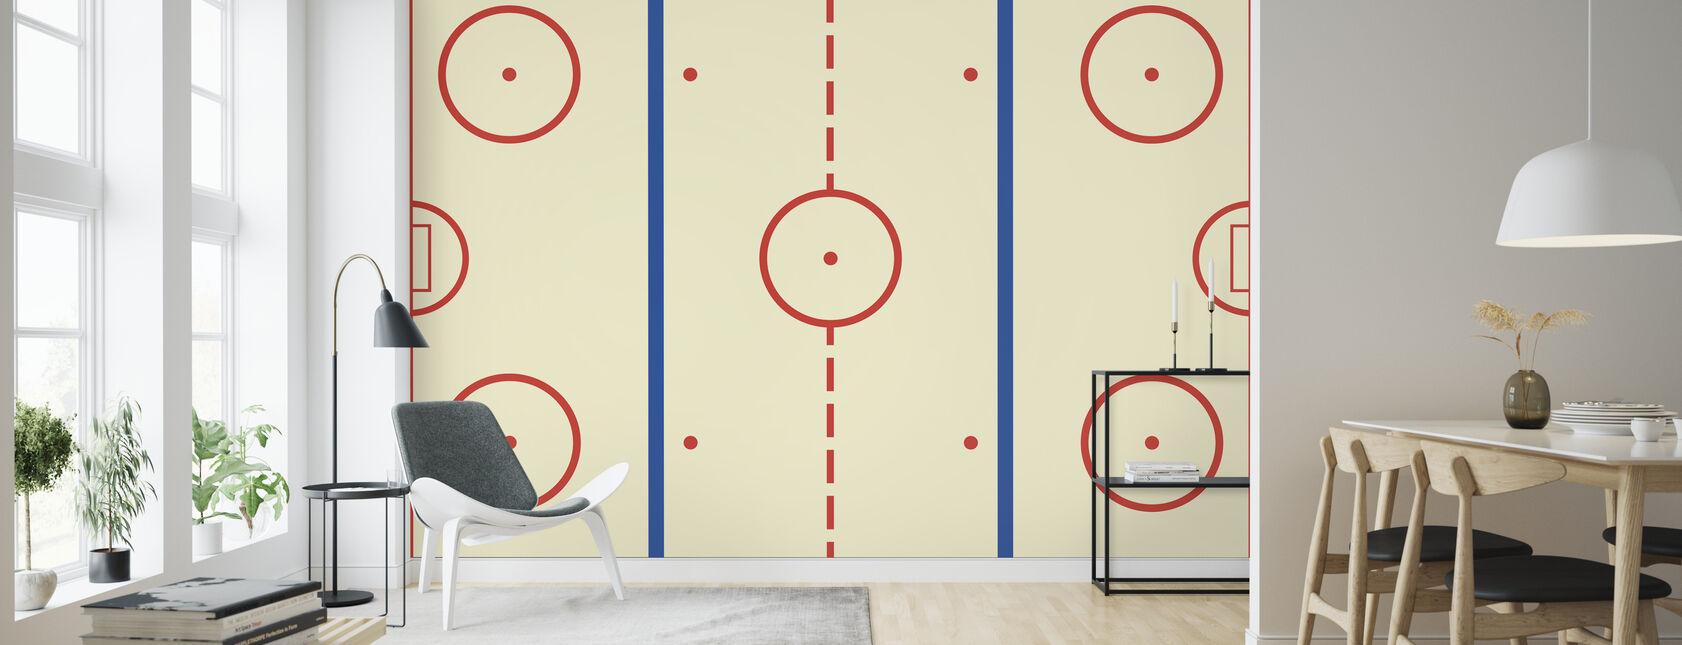 Eishockeybahn - Tapete - Wohnzimmer